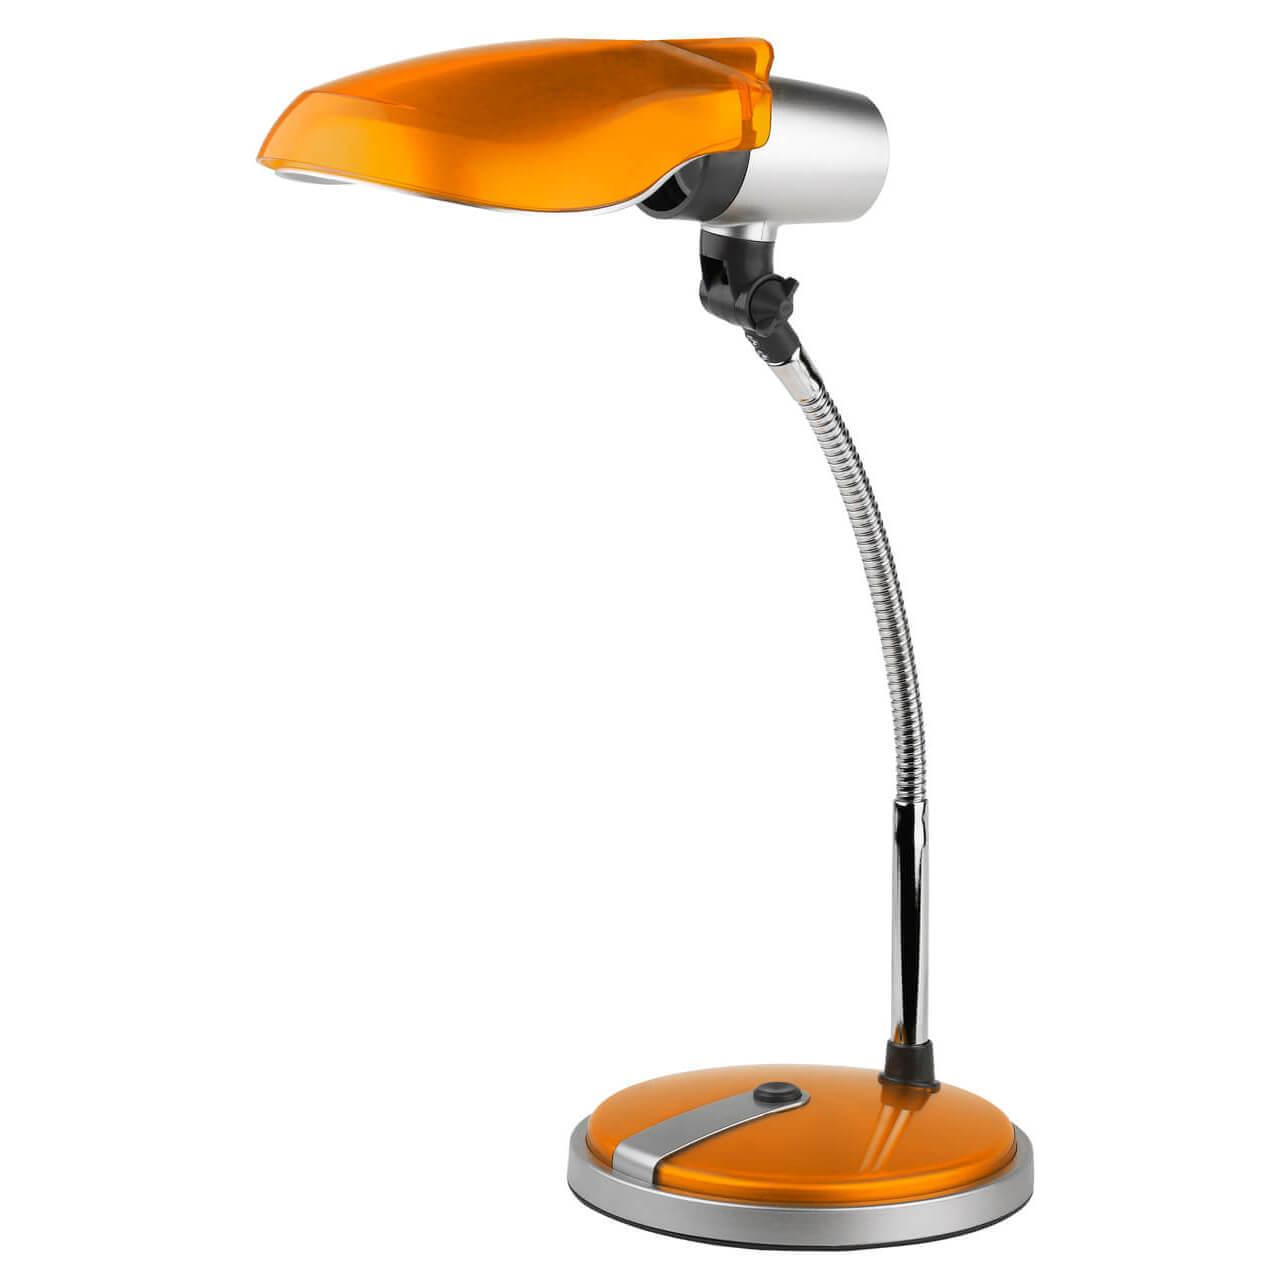 Настольная лампа ЭРА NE-301-E27-15W-OR настольная лампа эра ne 306 e27 25w w